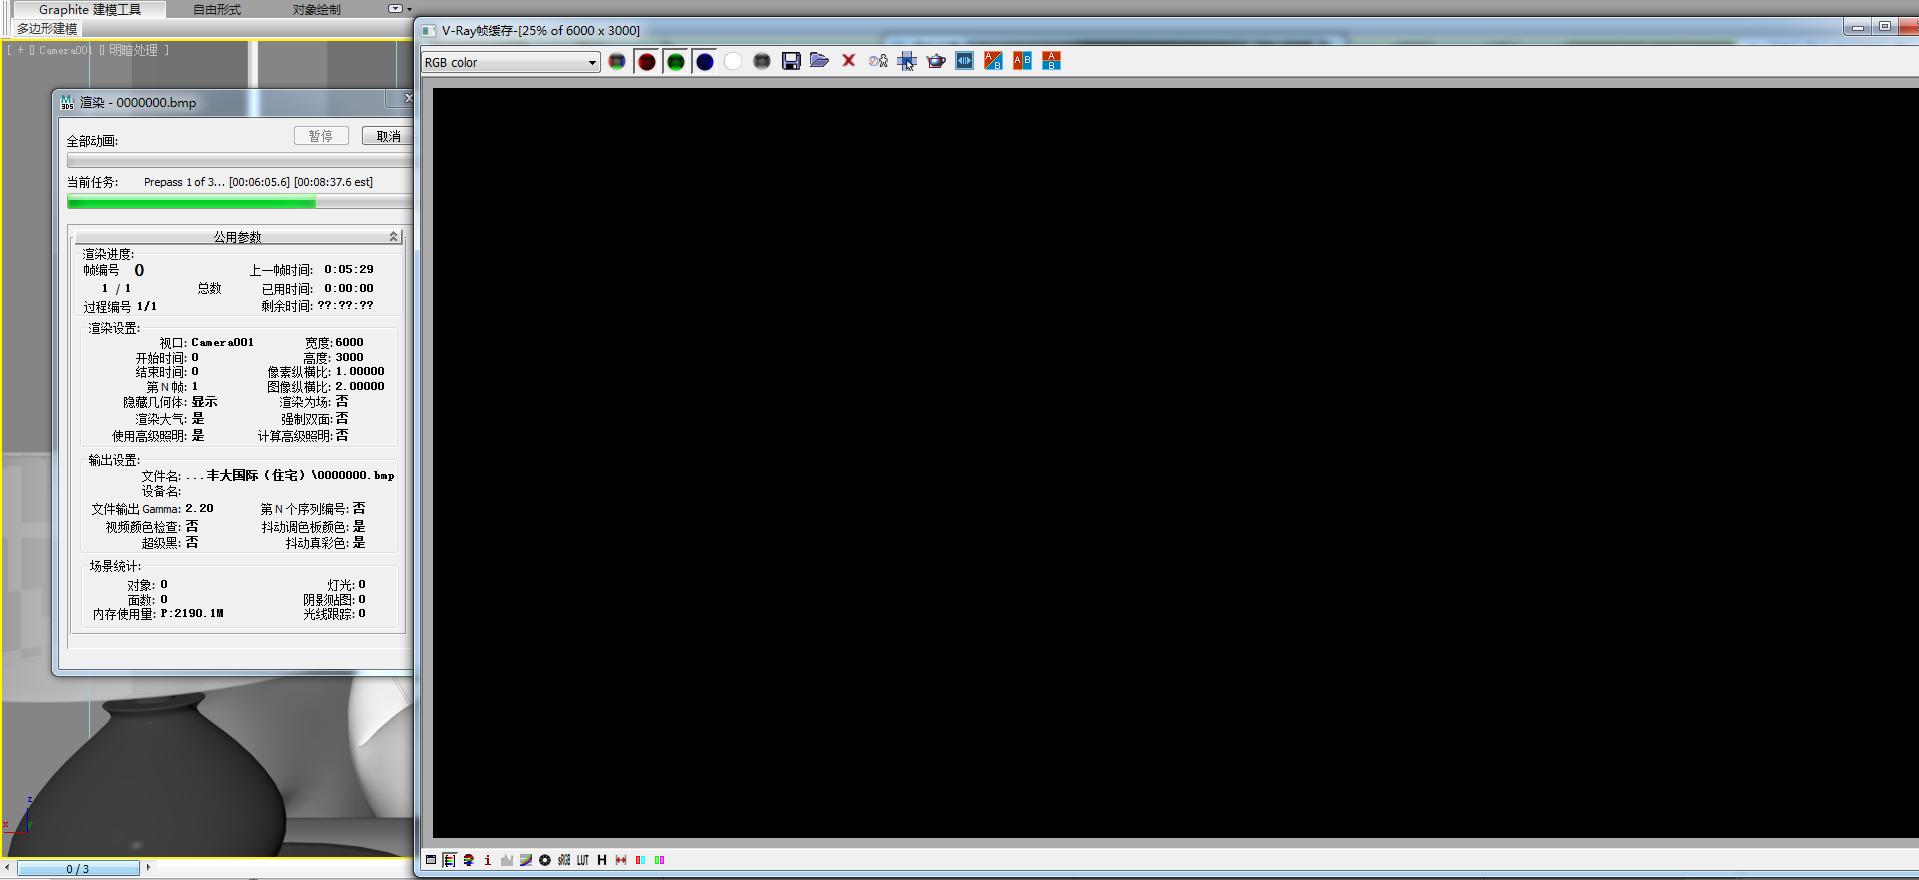 纯黑色_3ds max 2012 64位 渲染抛光子图时v-ray帧缓存窗口纯黑色,出成品图时